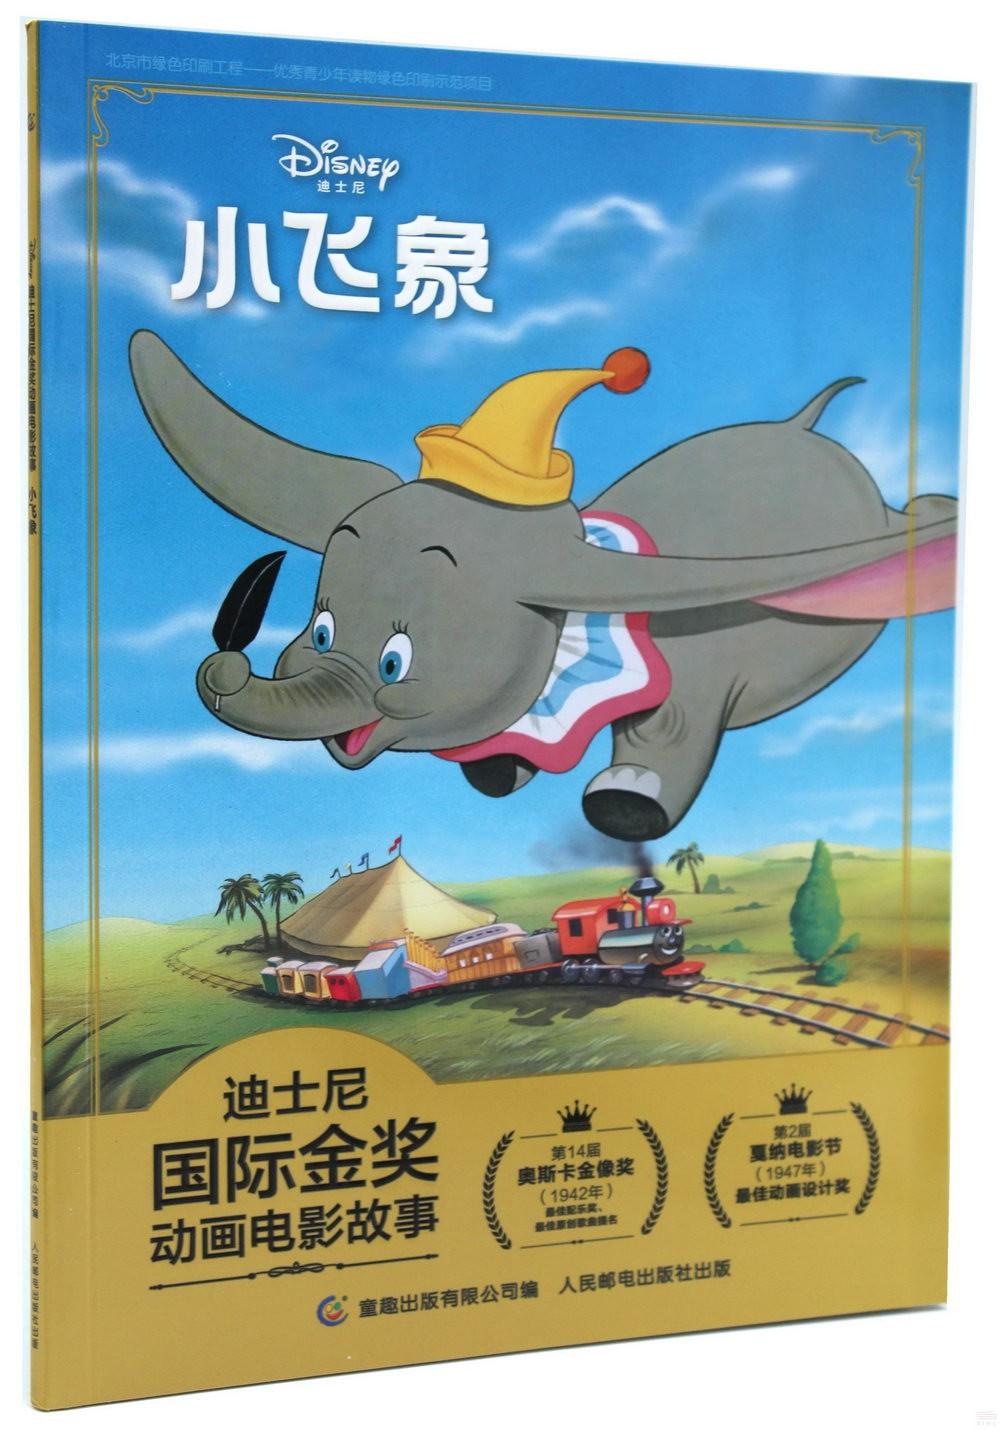 迪士尼國際金獎動畫電影故事:小飛象